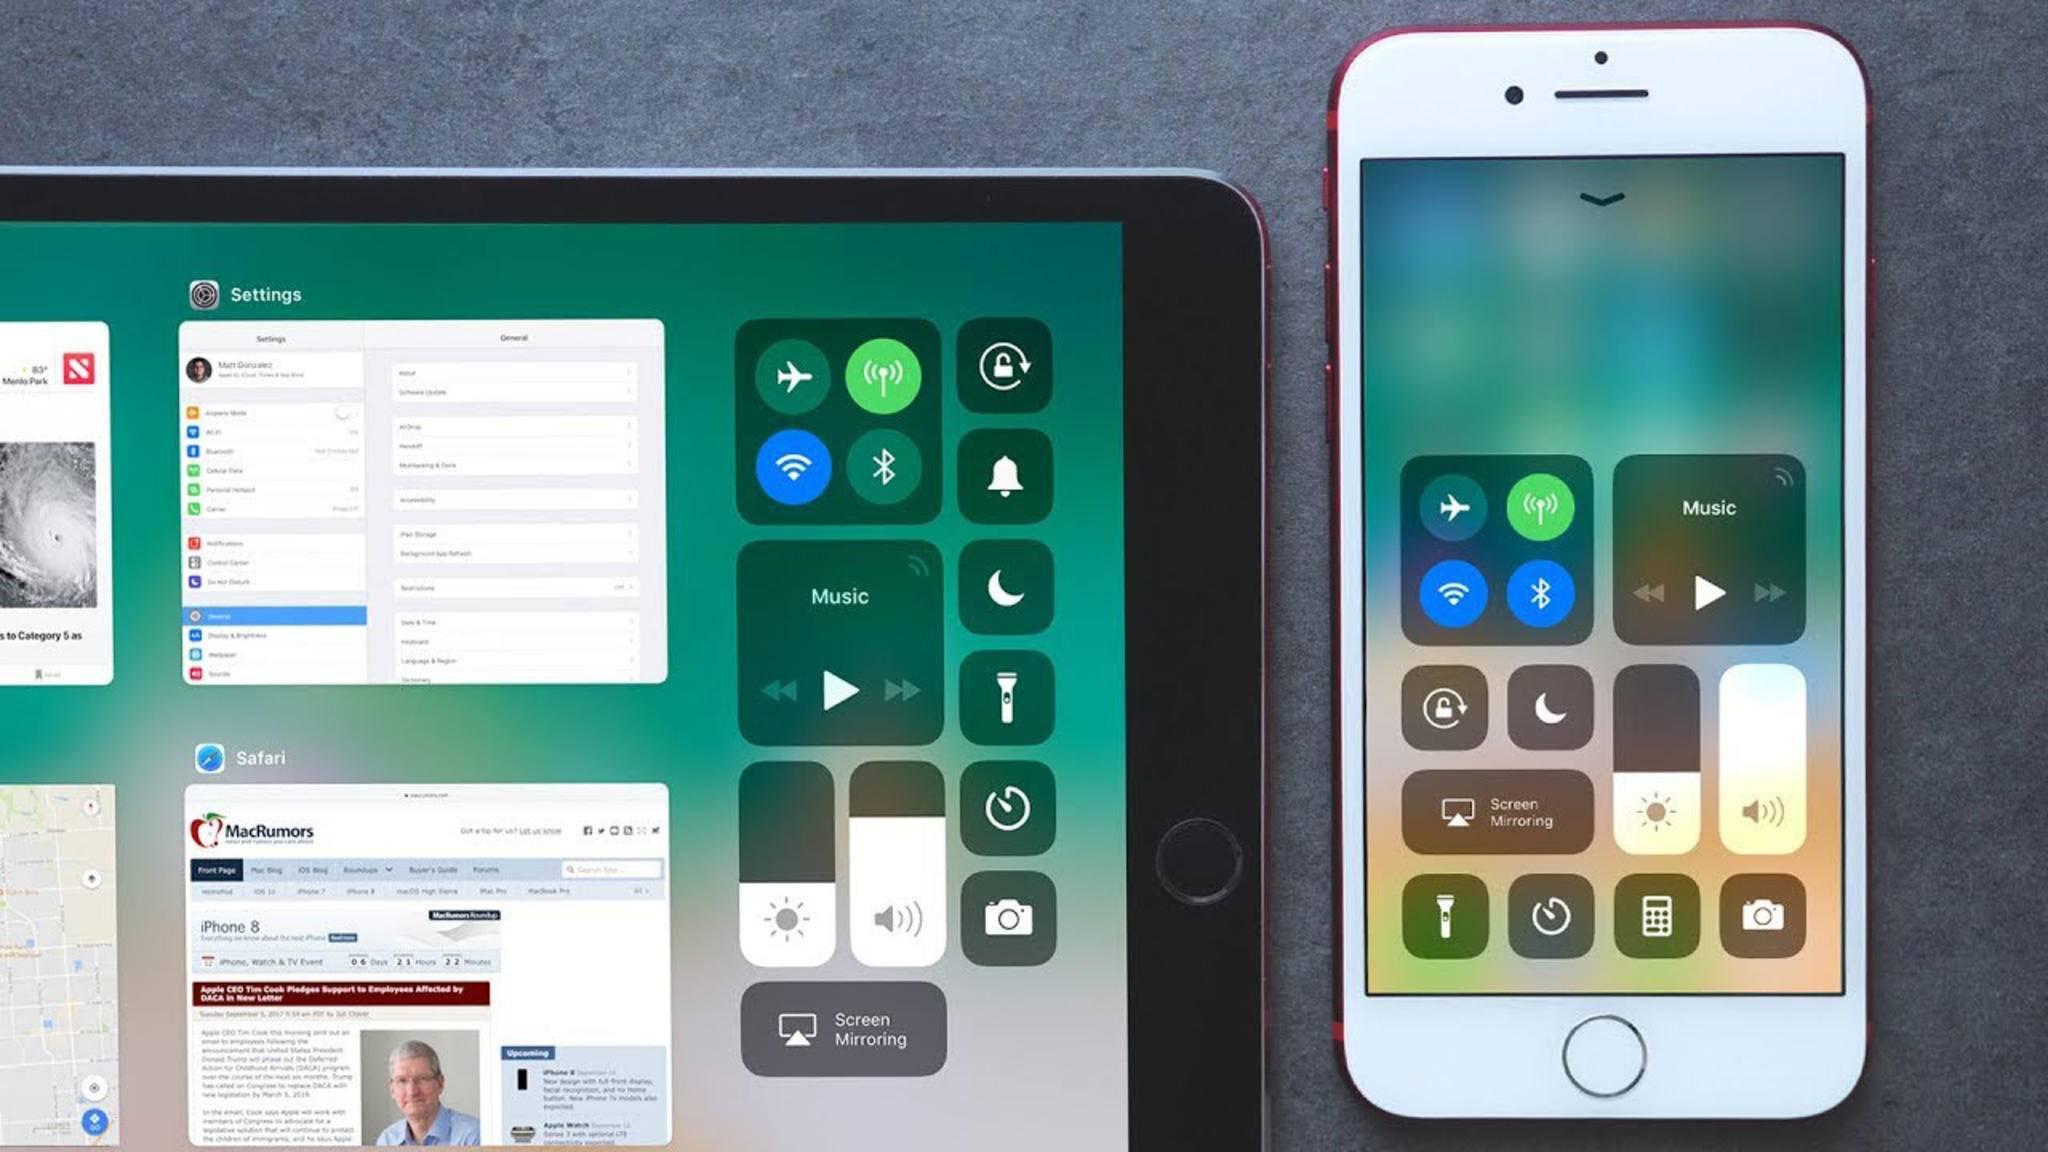 Das neue Kontrollzentrum in iOS 11 schaltet WLAN und Bluetooth nicht wirklich aus.